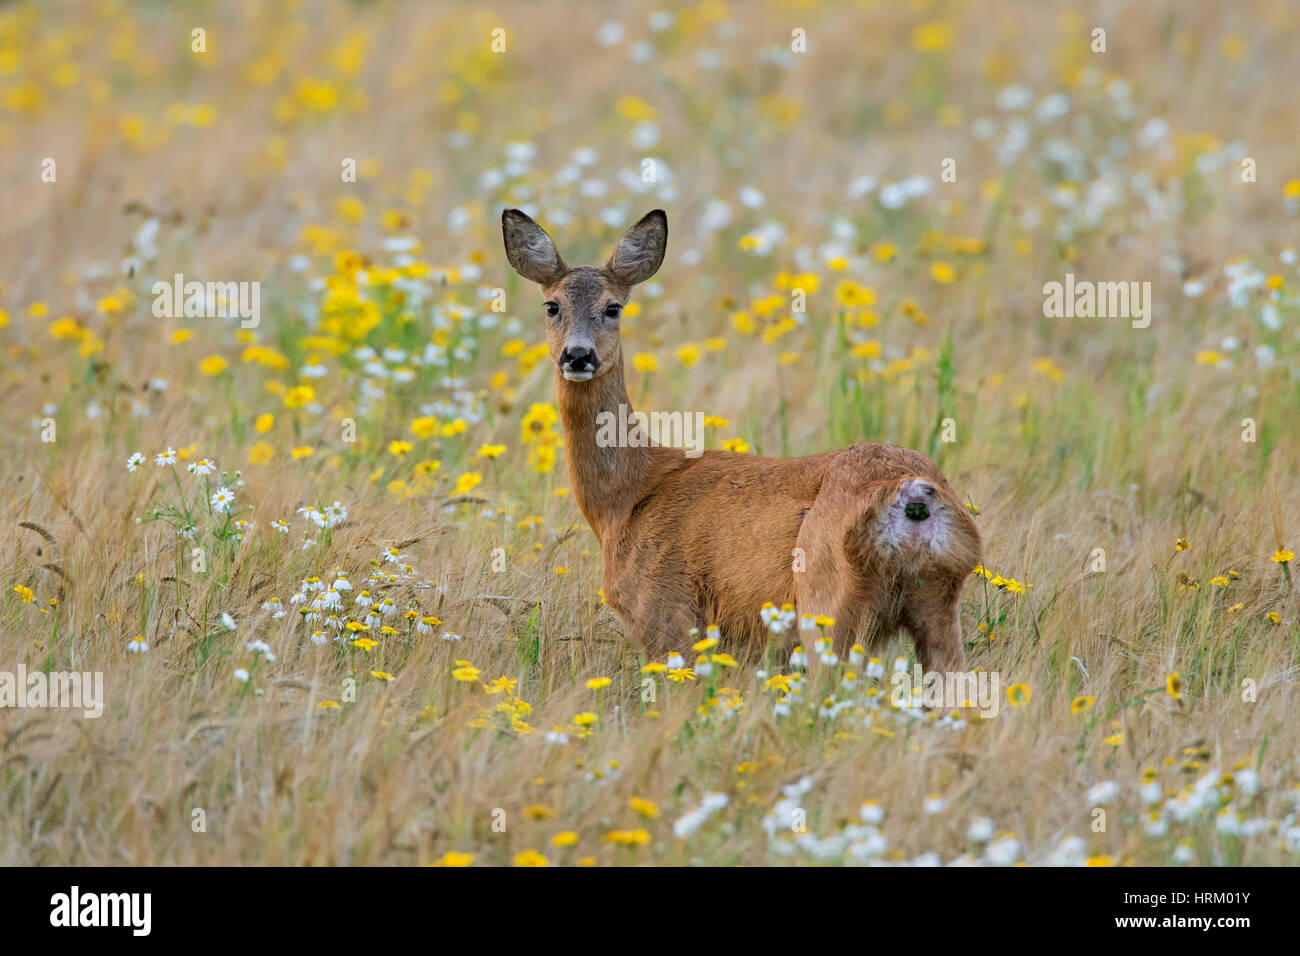 European roe deer (Capreolus capreolus) doe / female foraging in wheat field with wildflowers in summer - Stock Image